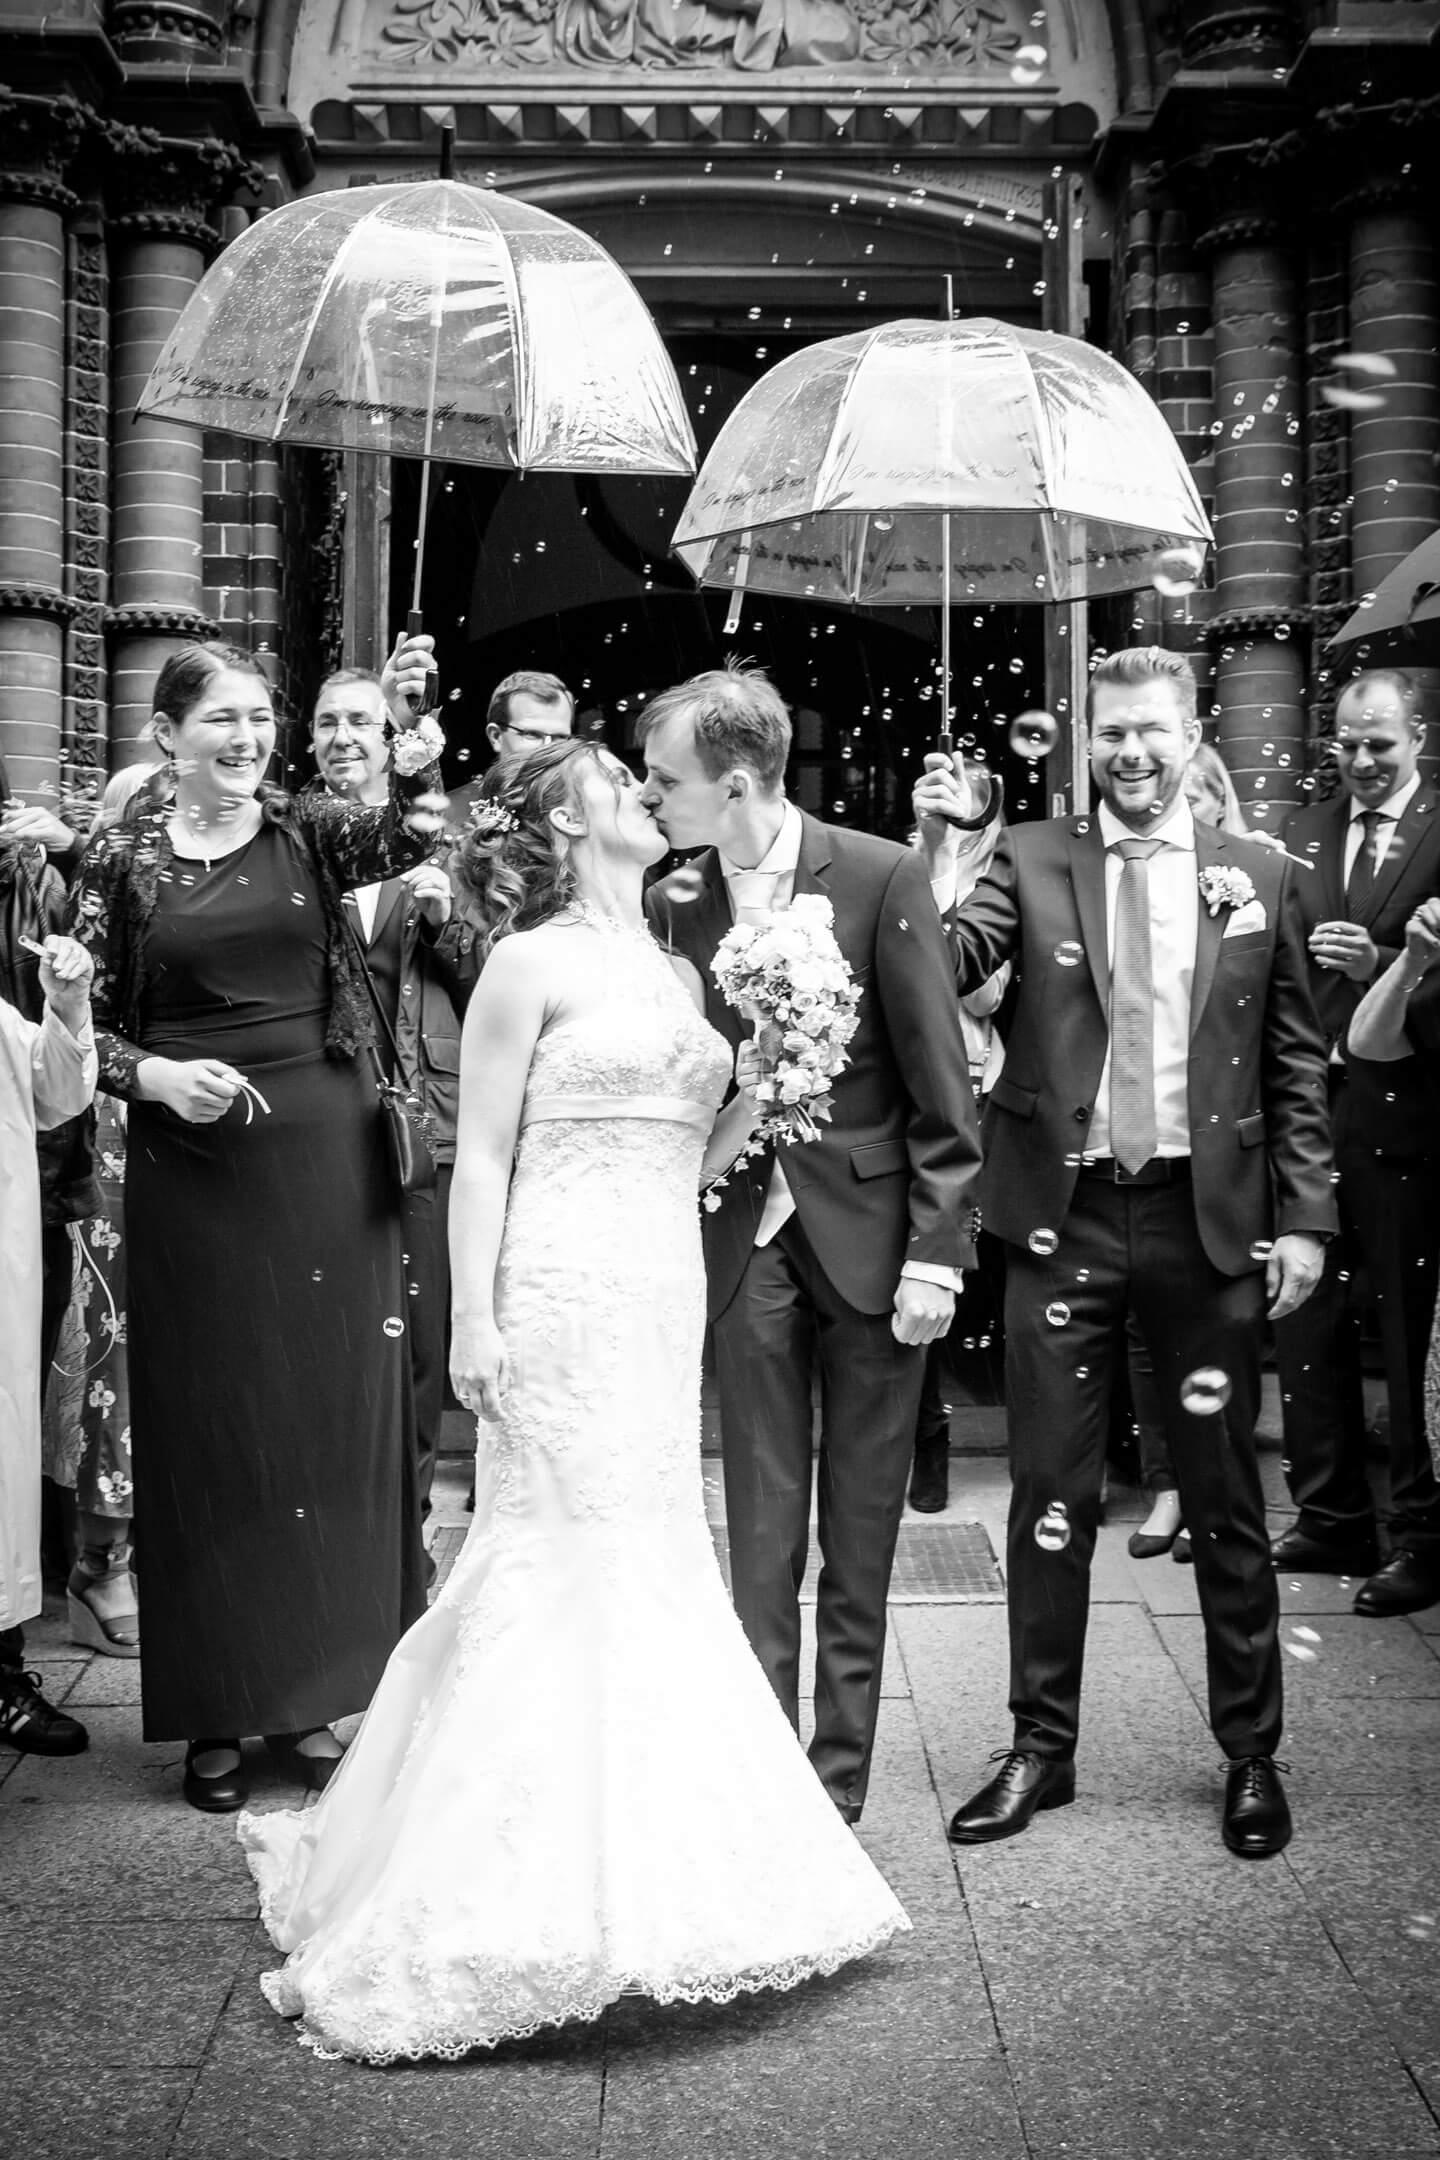 Just married - Hochzeitspaar küsst sich vor der Kirchentür (Fotograf: Florian Läufer)